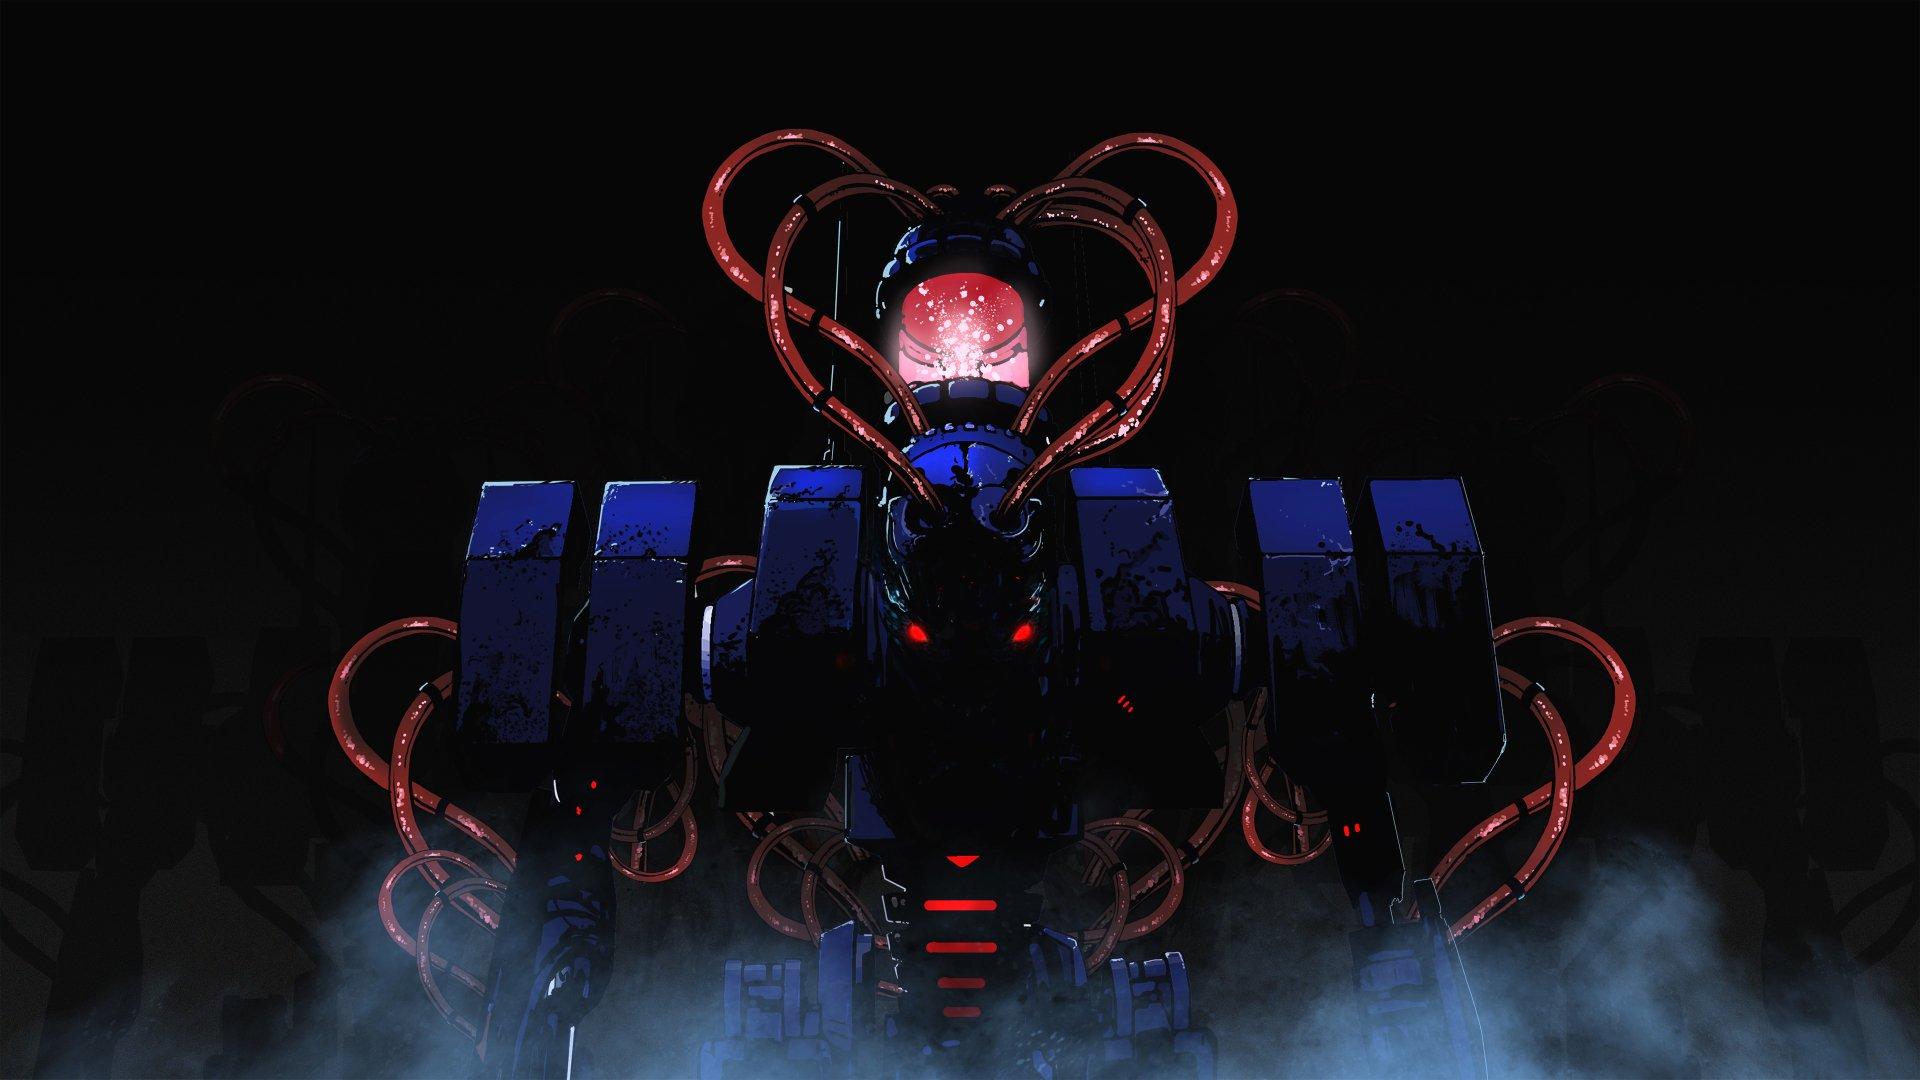 Video Game - Nex Machina  Sci Fi Wallpaper